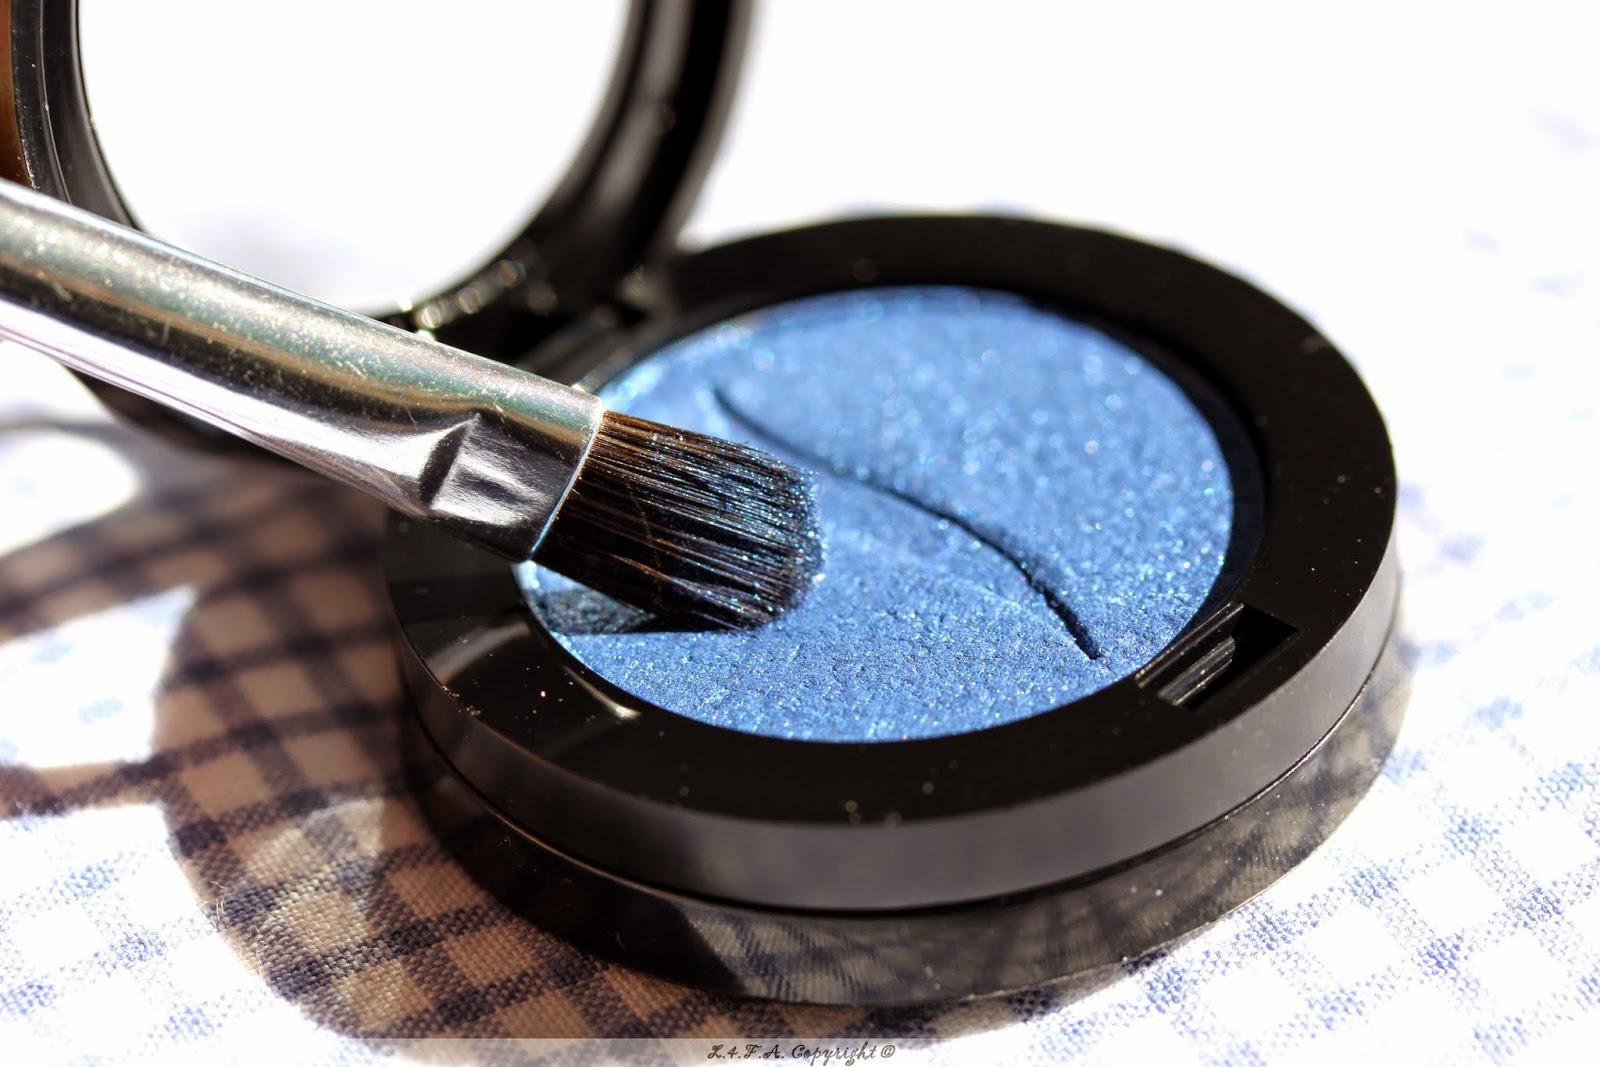 http://lesquatrefersenlair.blogspot.com/2014/08/jose-le-maquillage-bleu.html